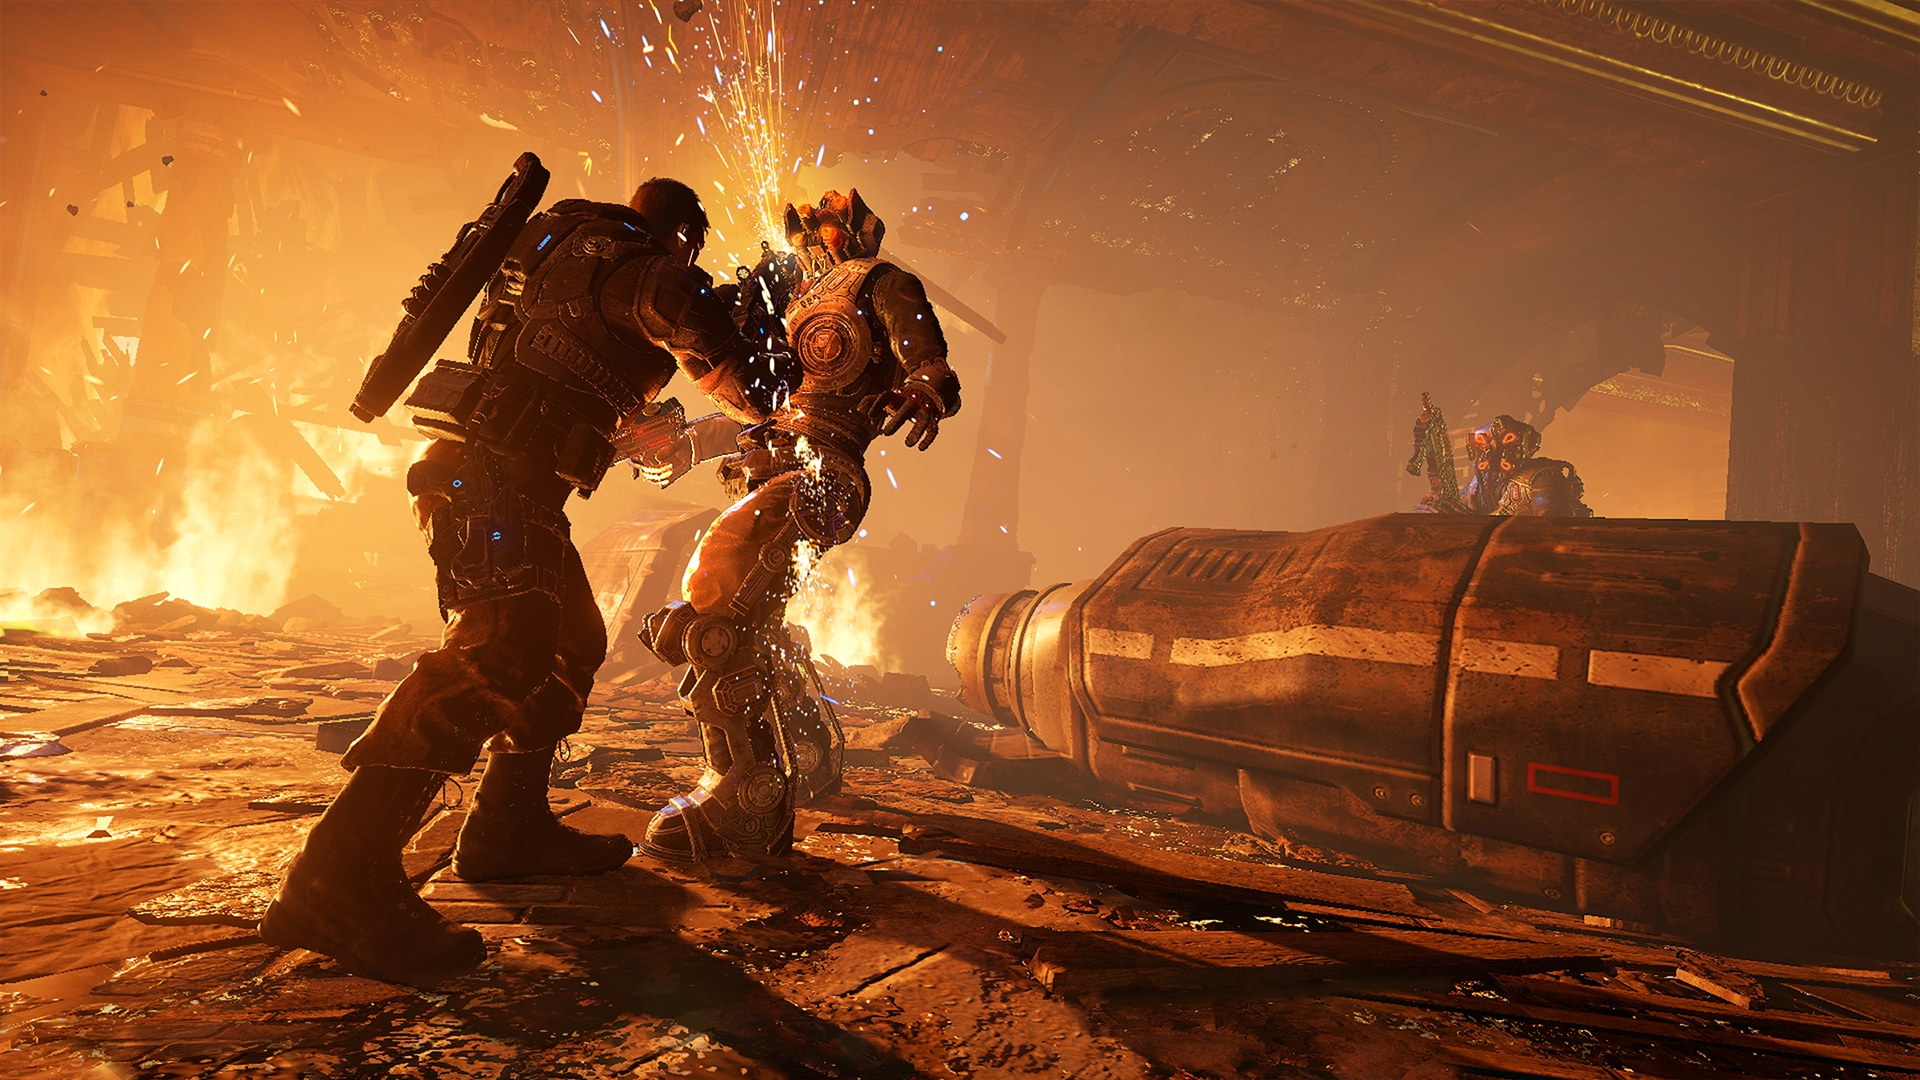 gears-of-war-4-screenshot-8.jpg